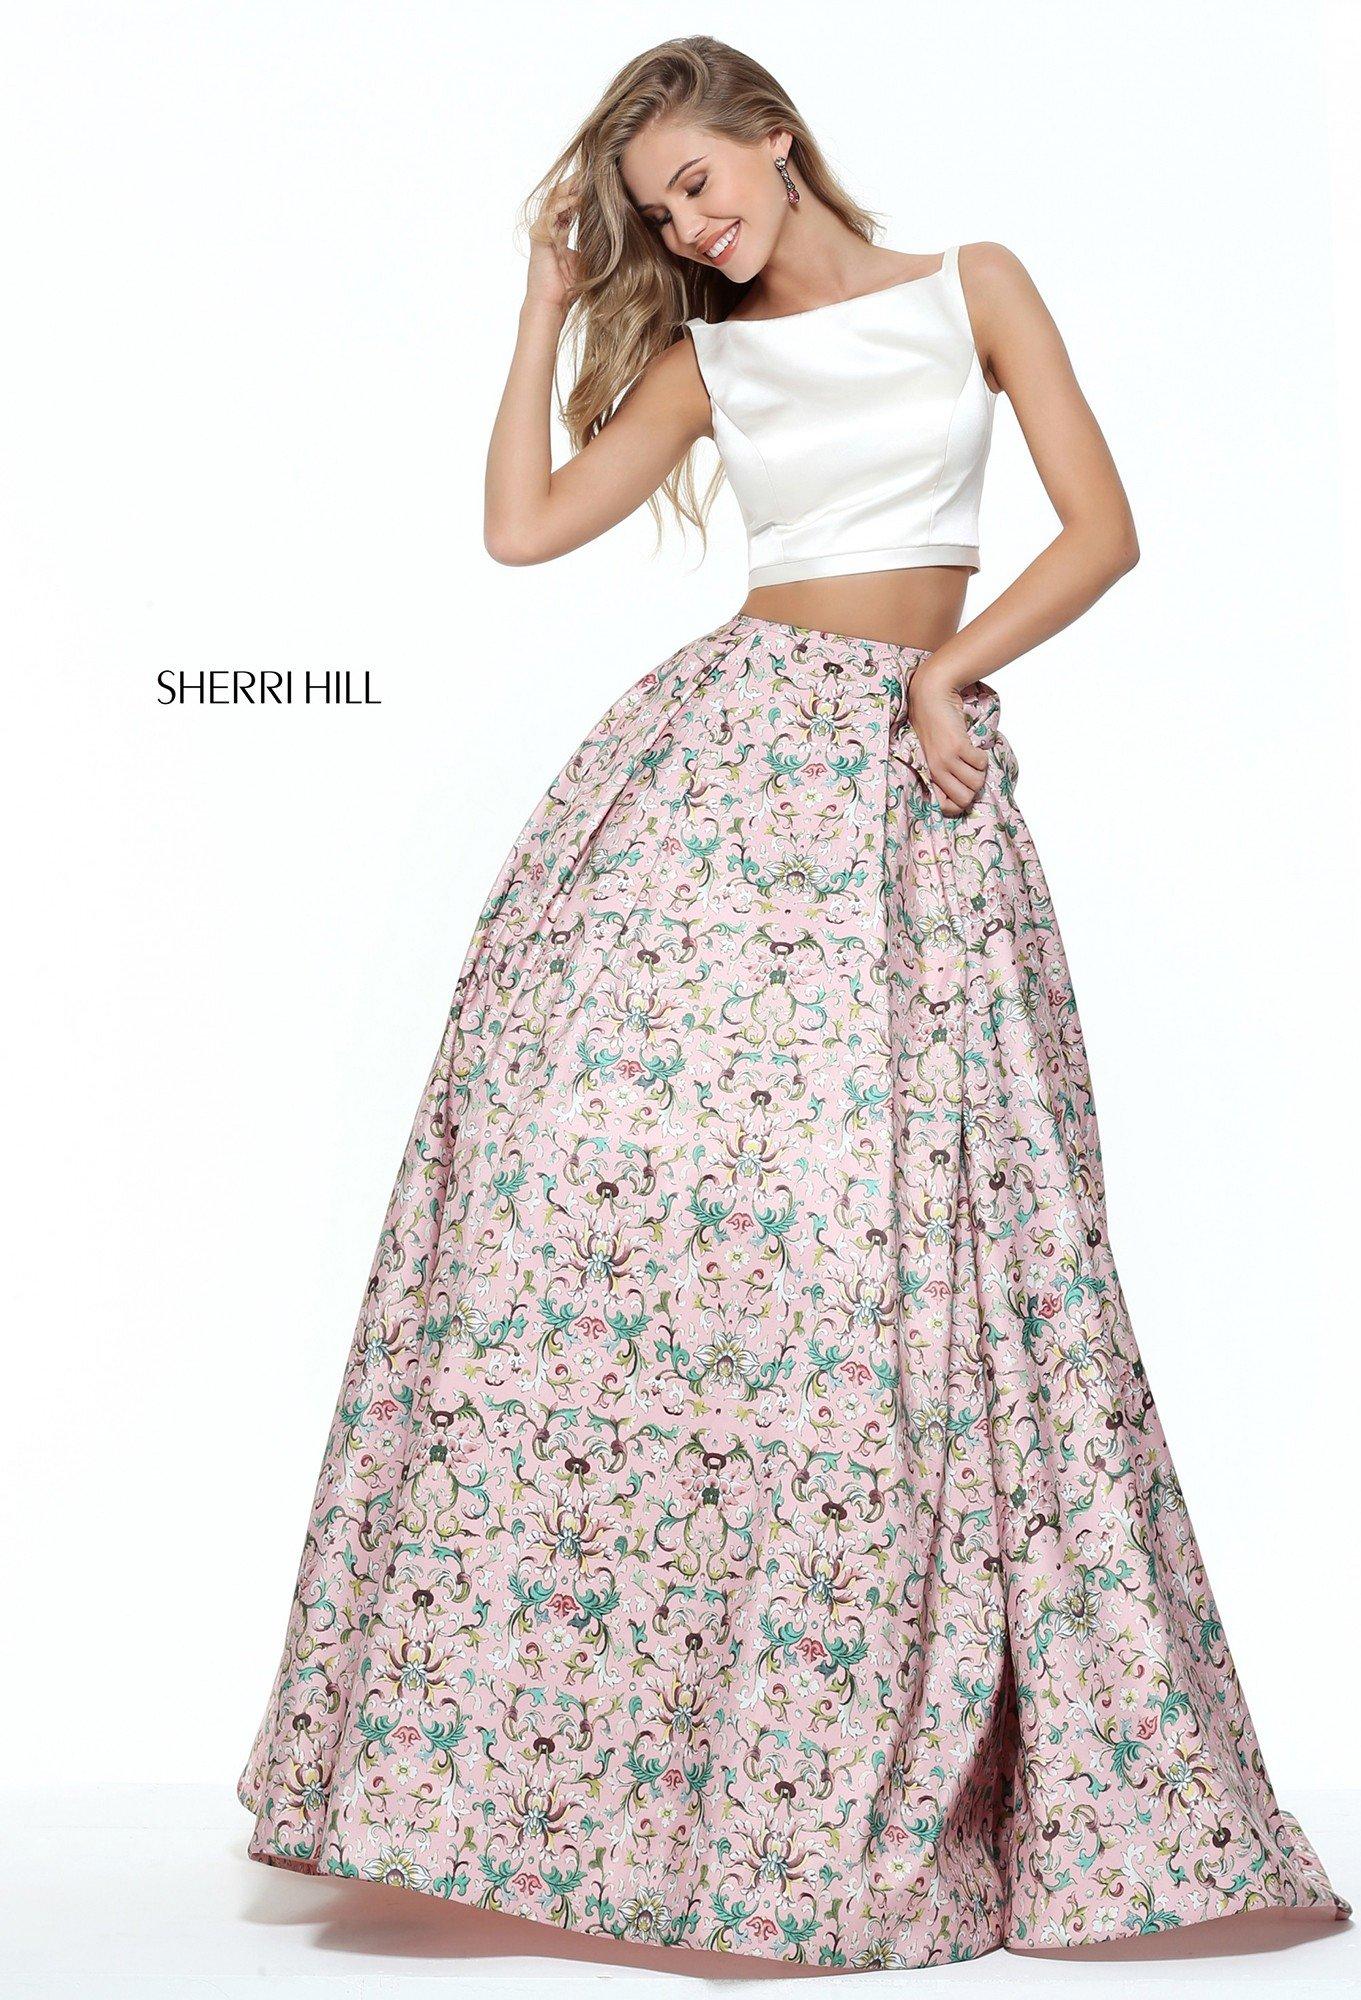 SHERRI HILL DRESS 51123